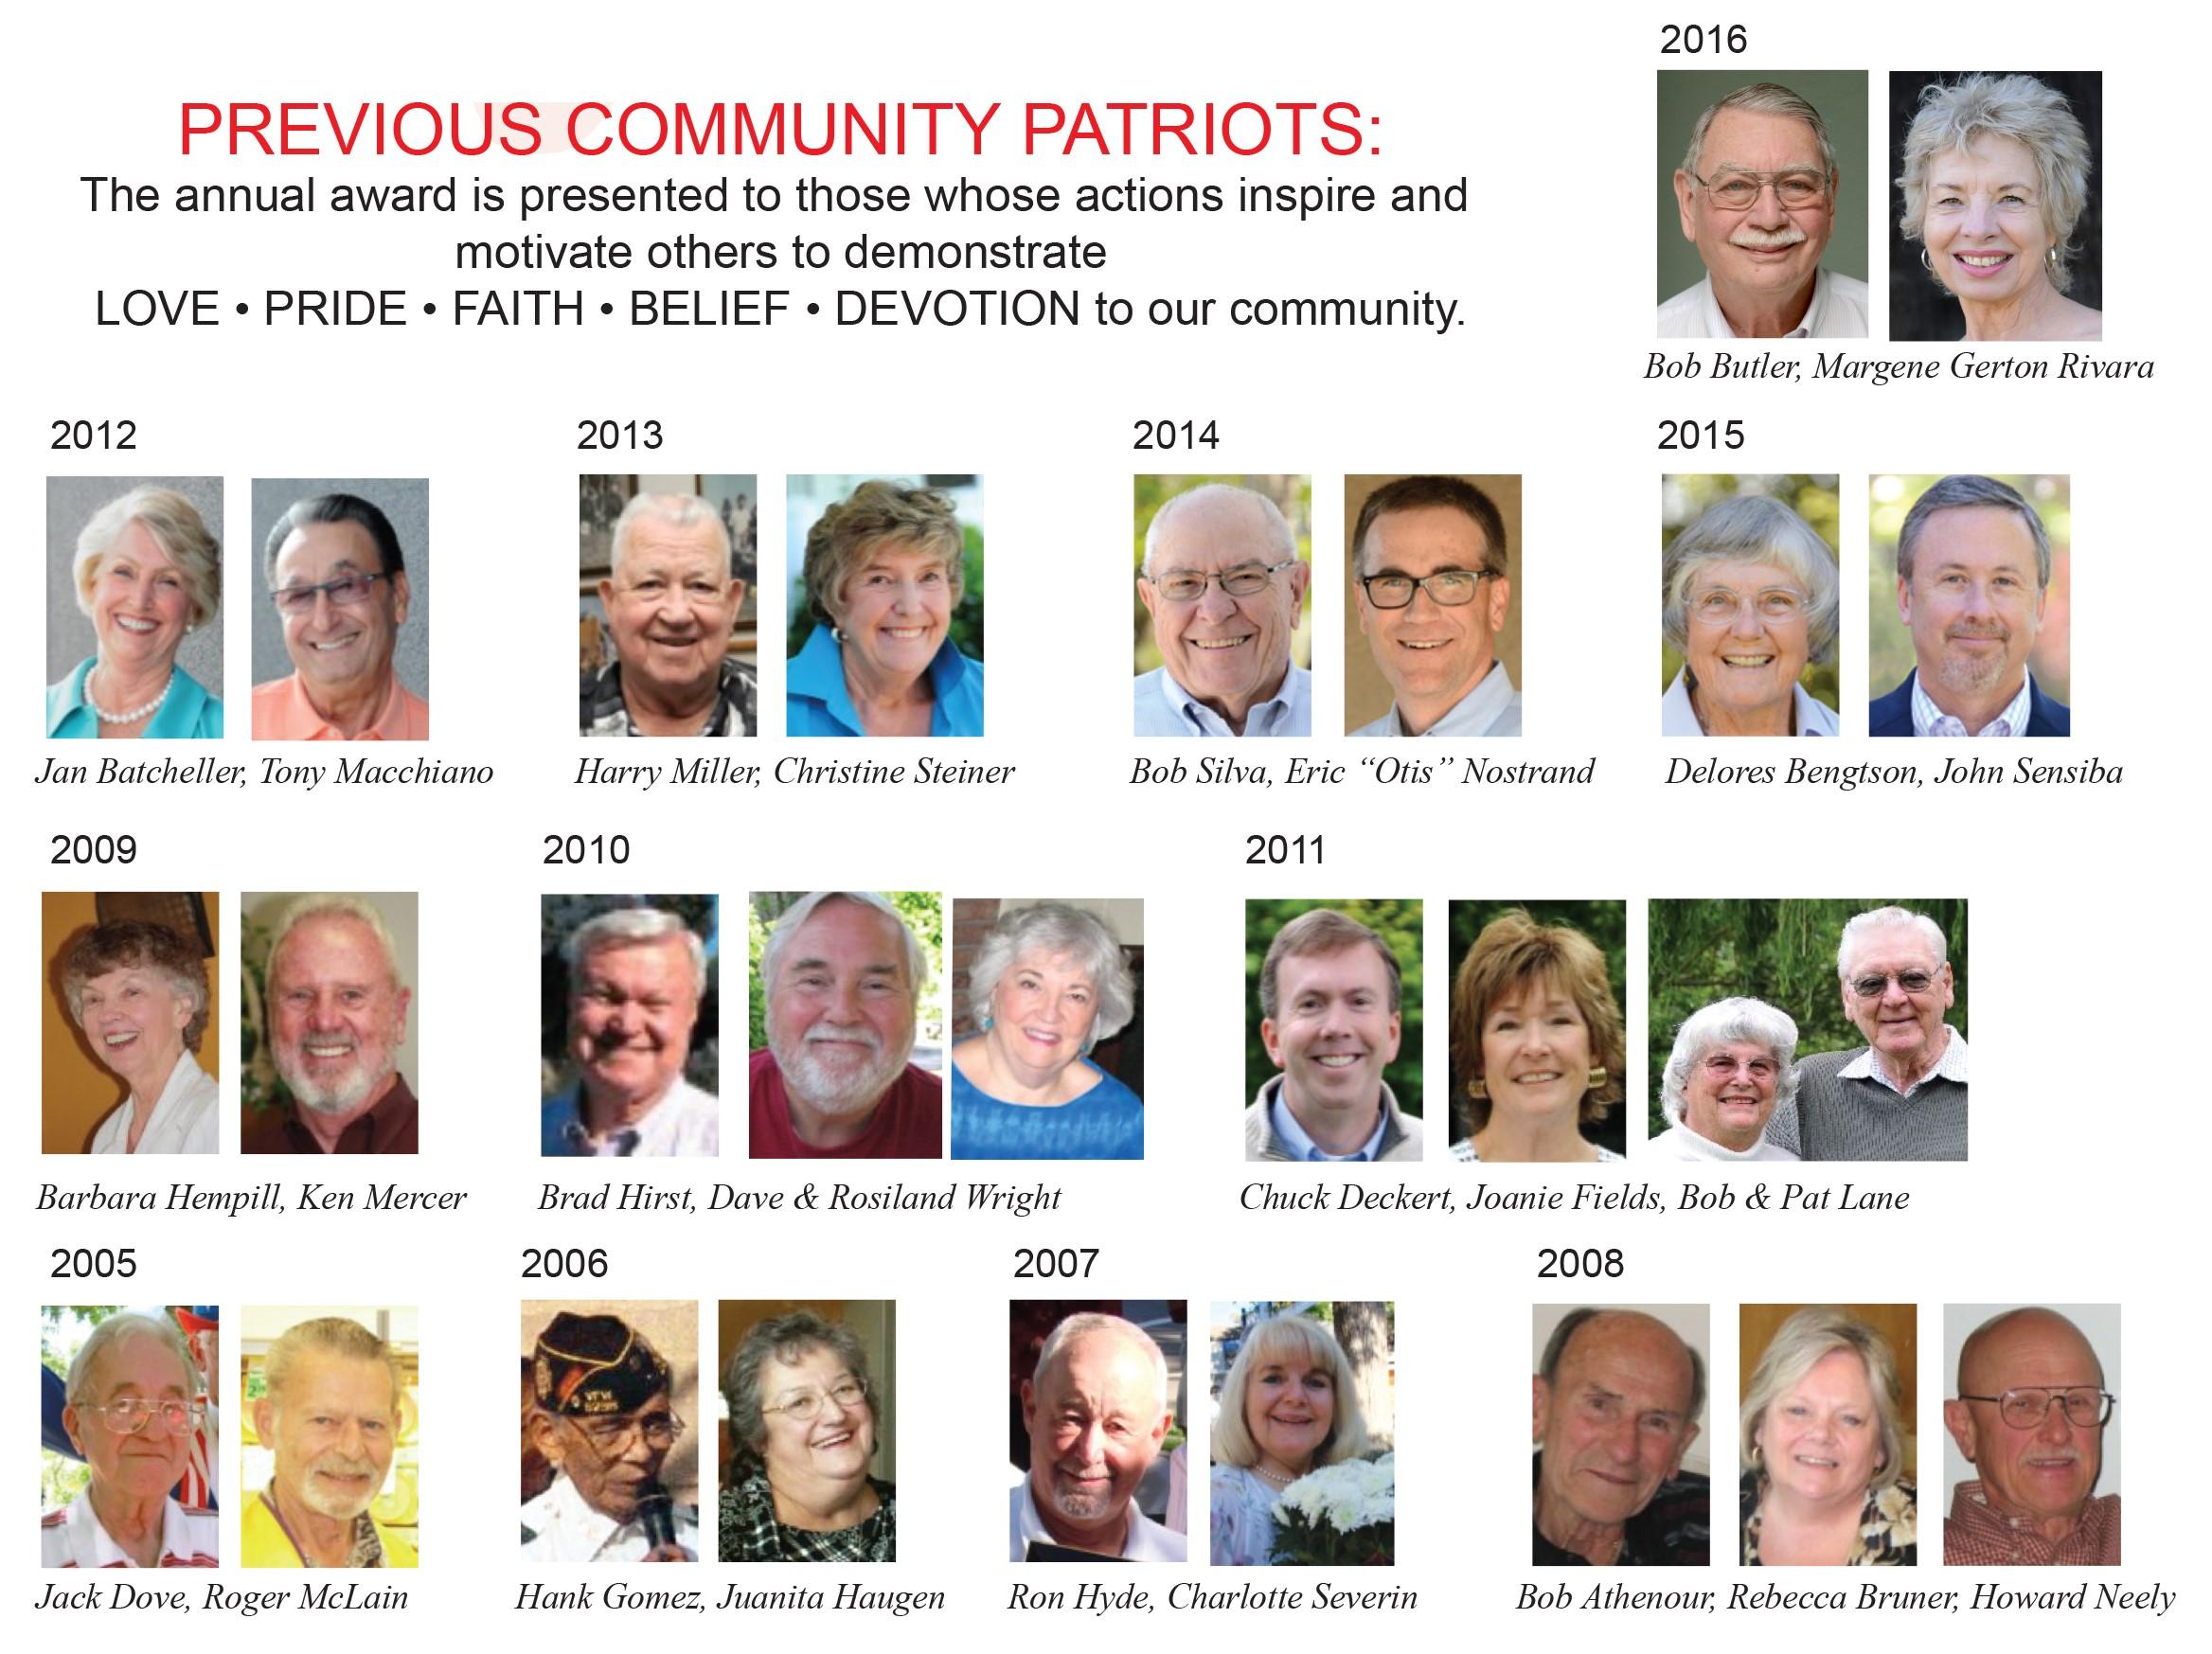 Community Partiot Award Winners past years